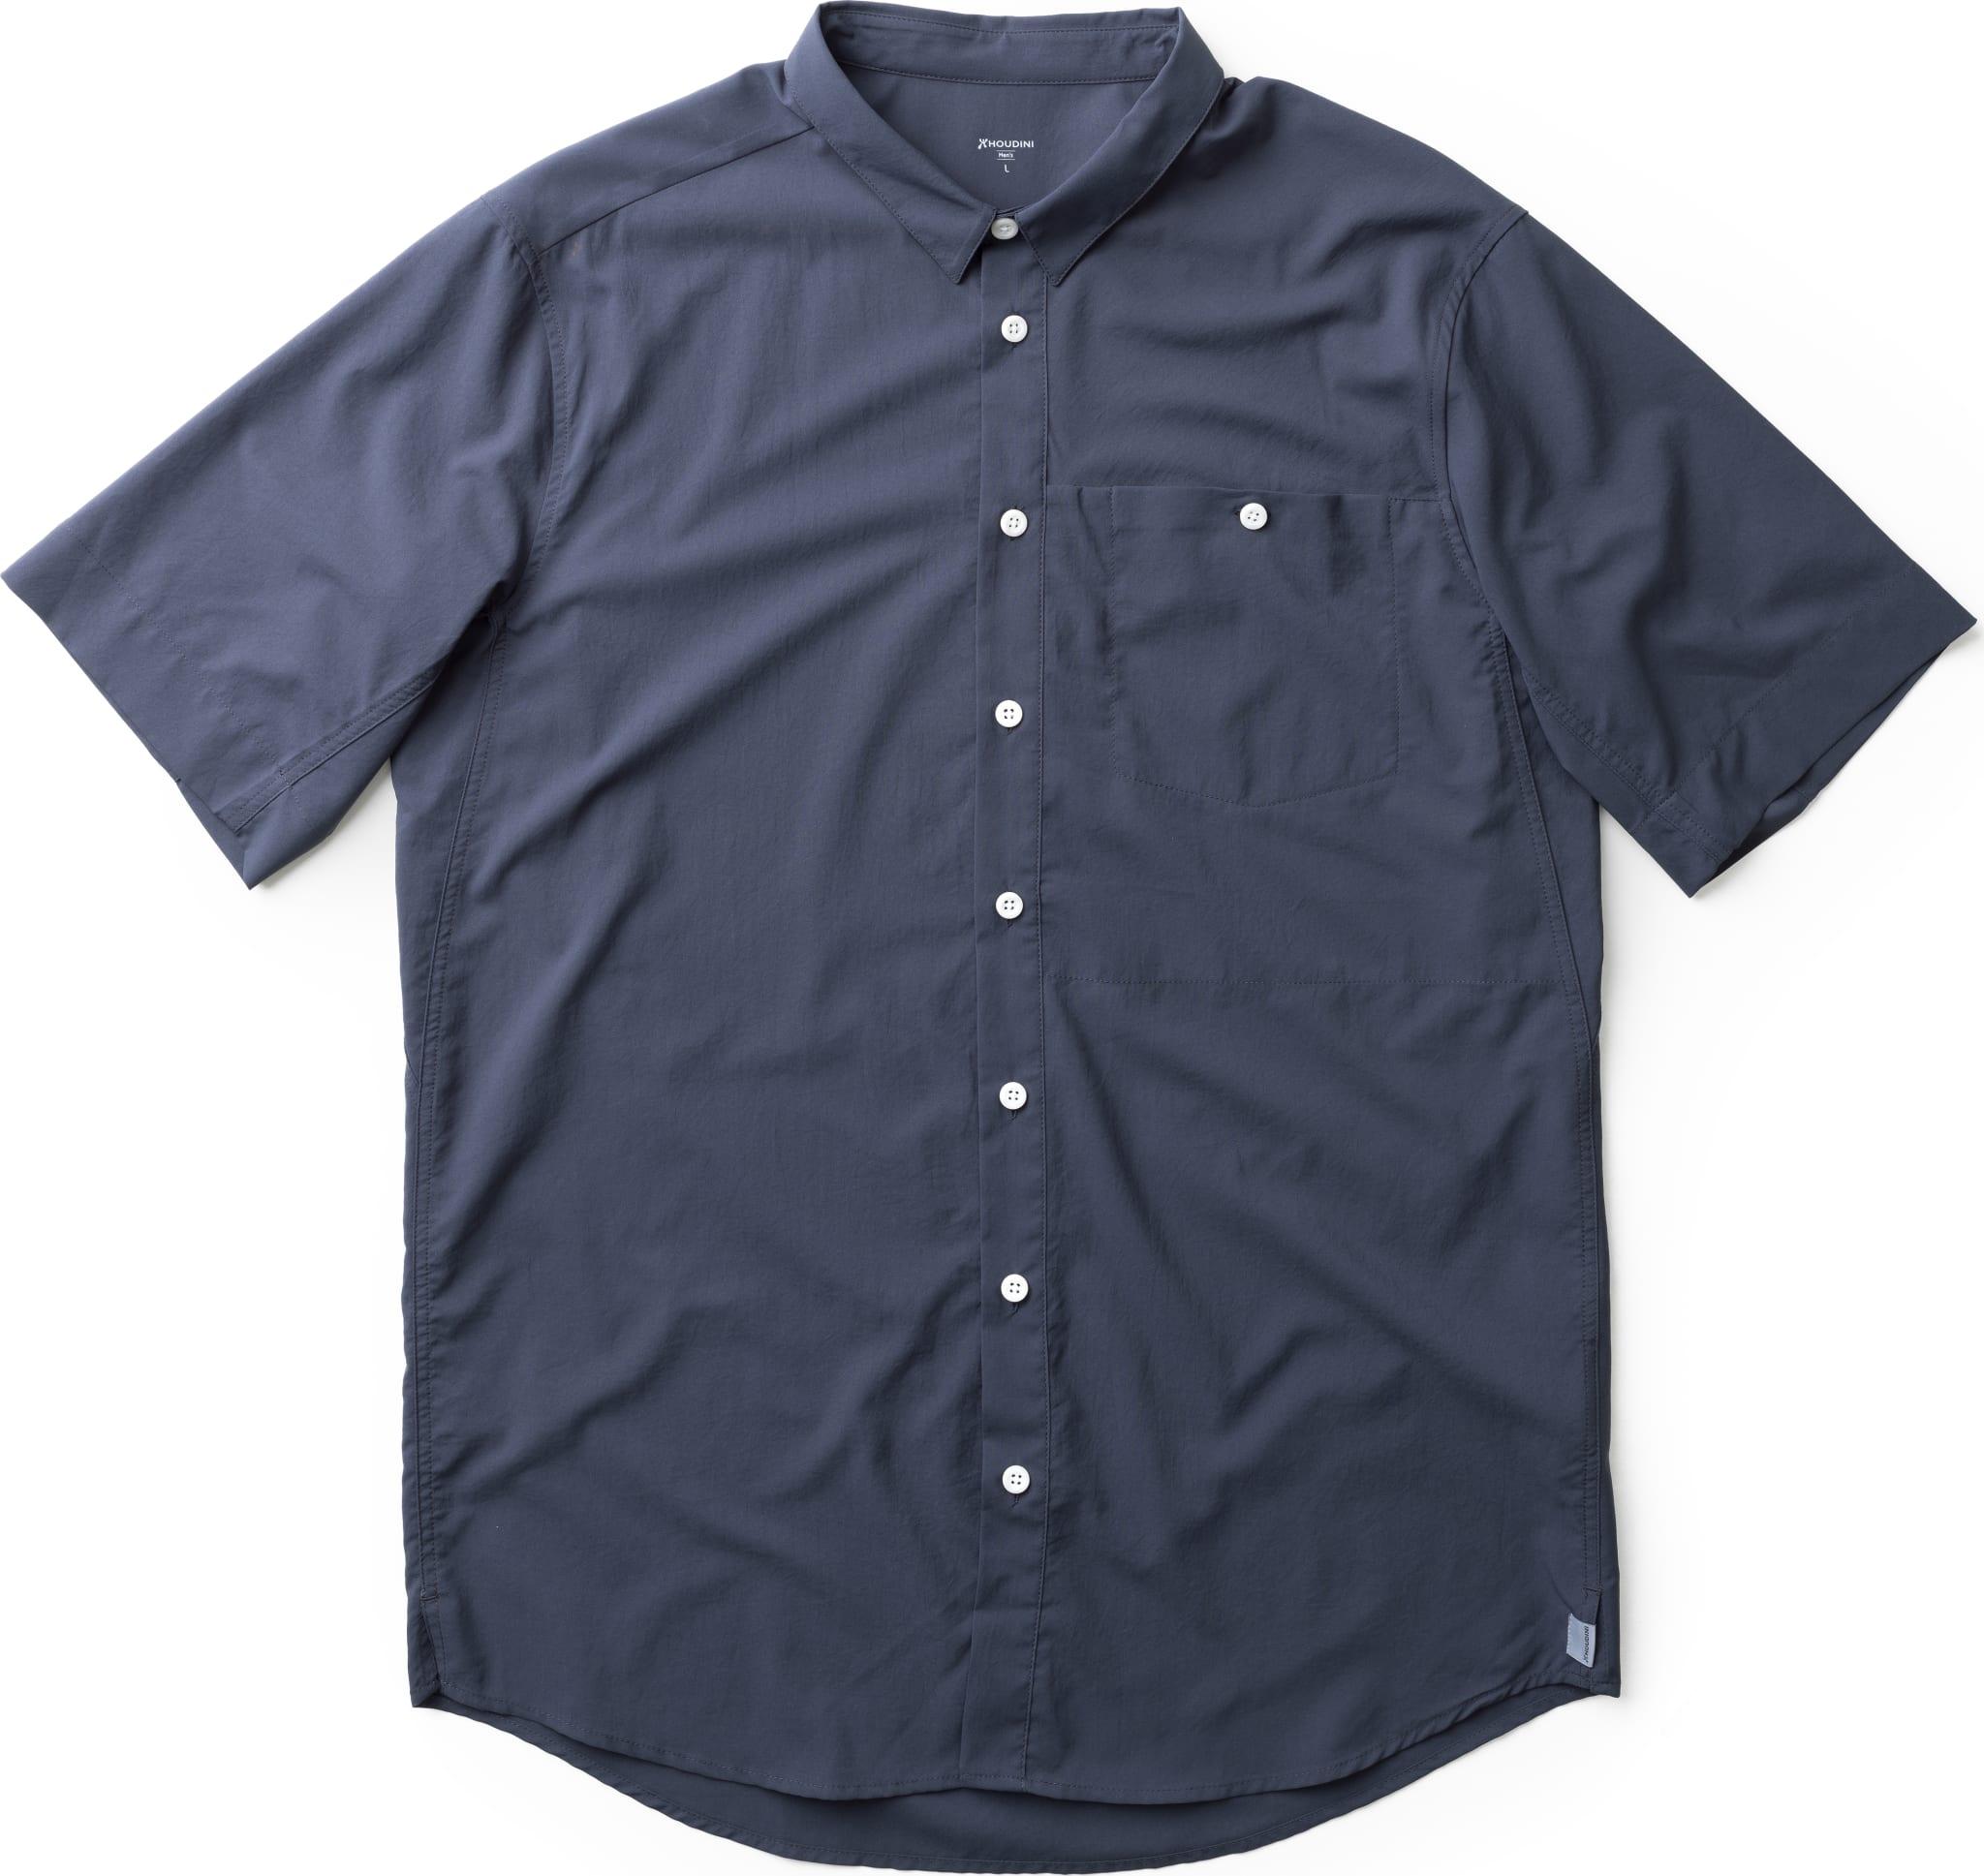 Lett og luftig sommer skjorte med uv beskyttelse